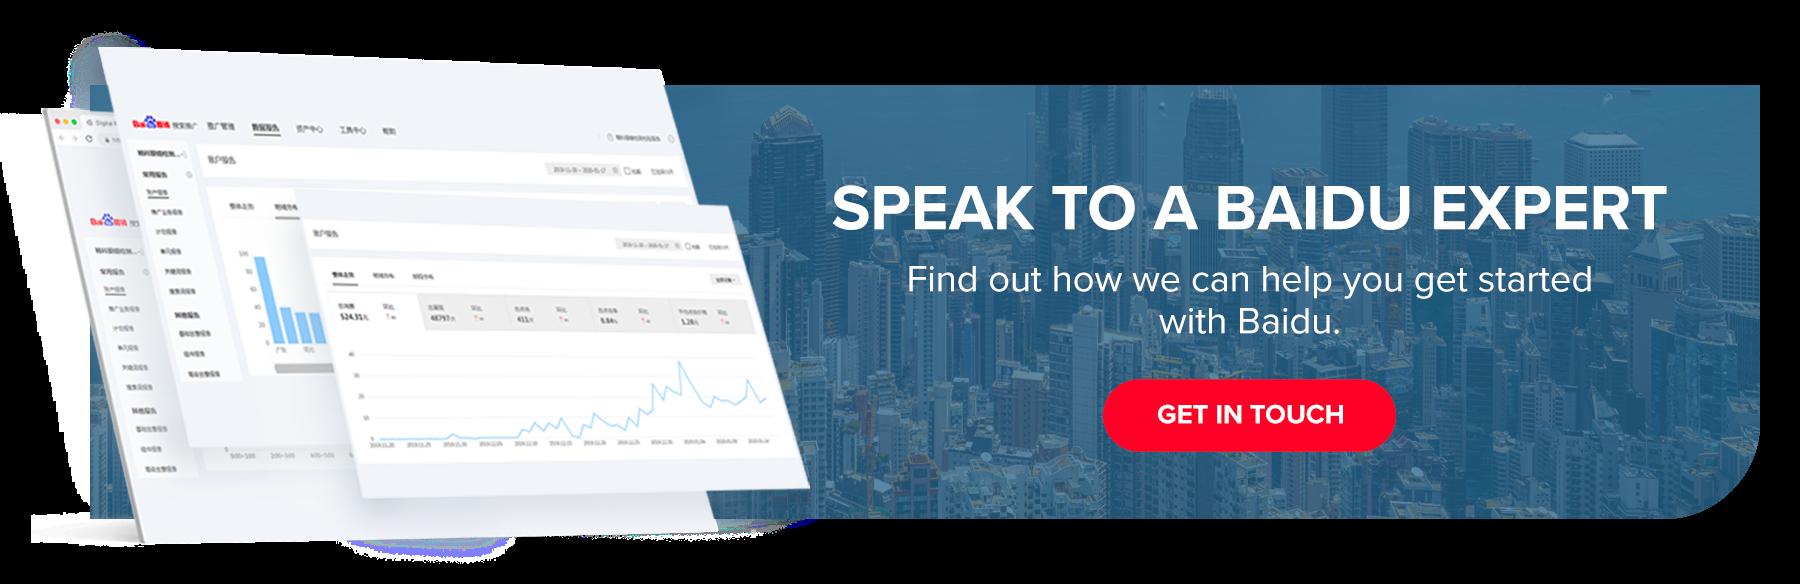 Speak to a Baidu Expert